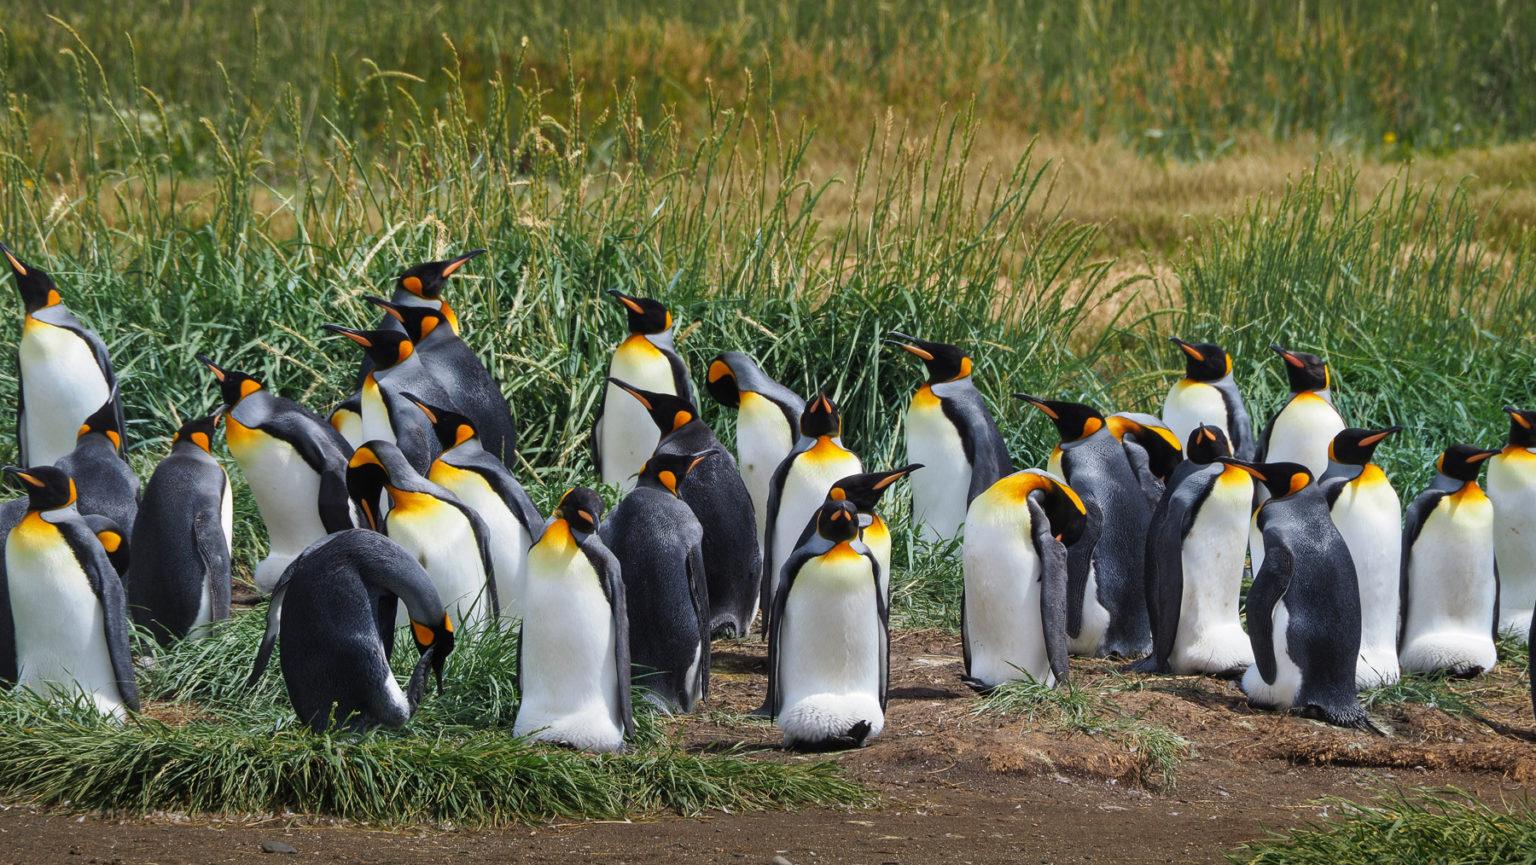 Königspinguine! Die einzige Kolonie außerhalb der Antarktis